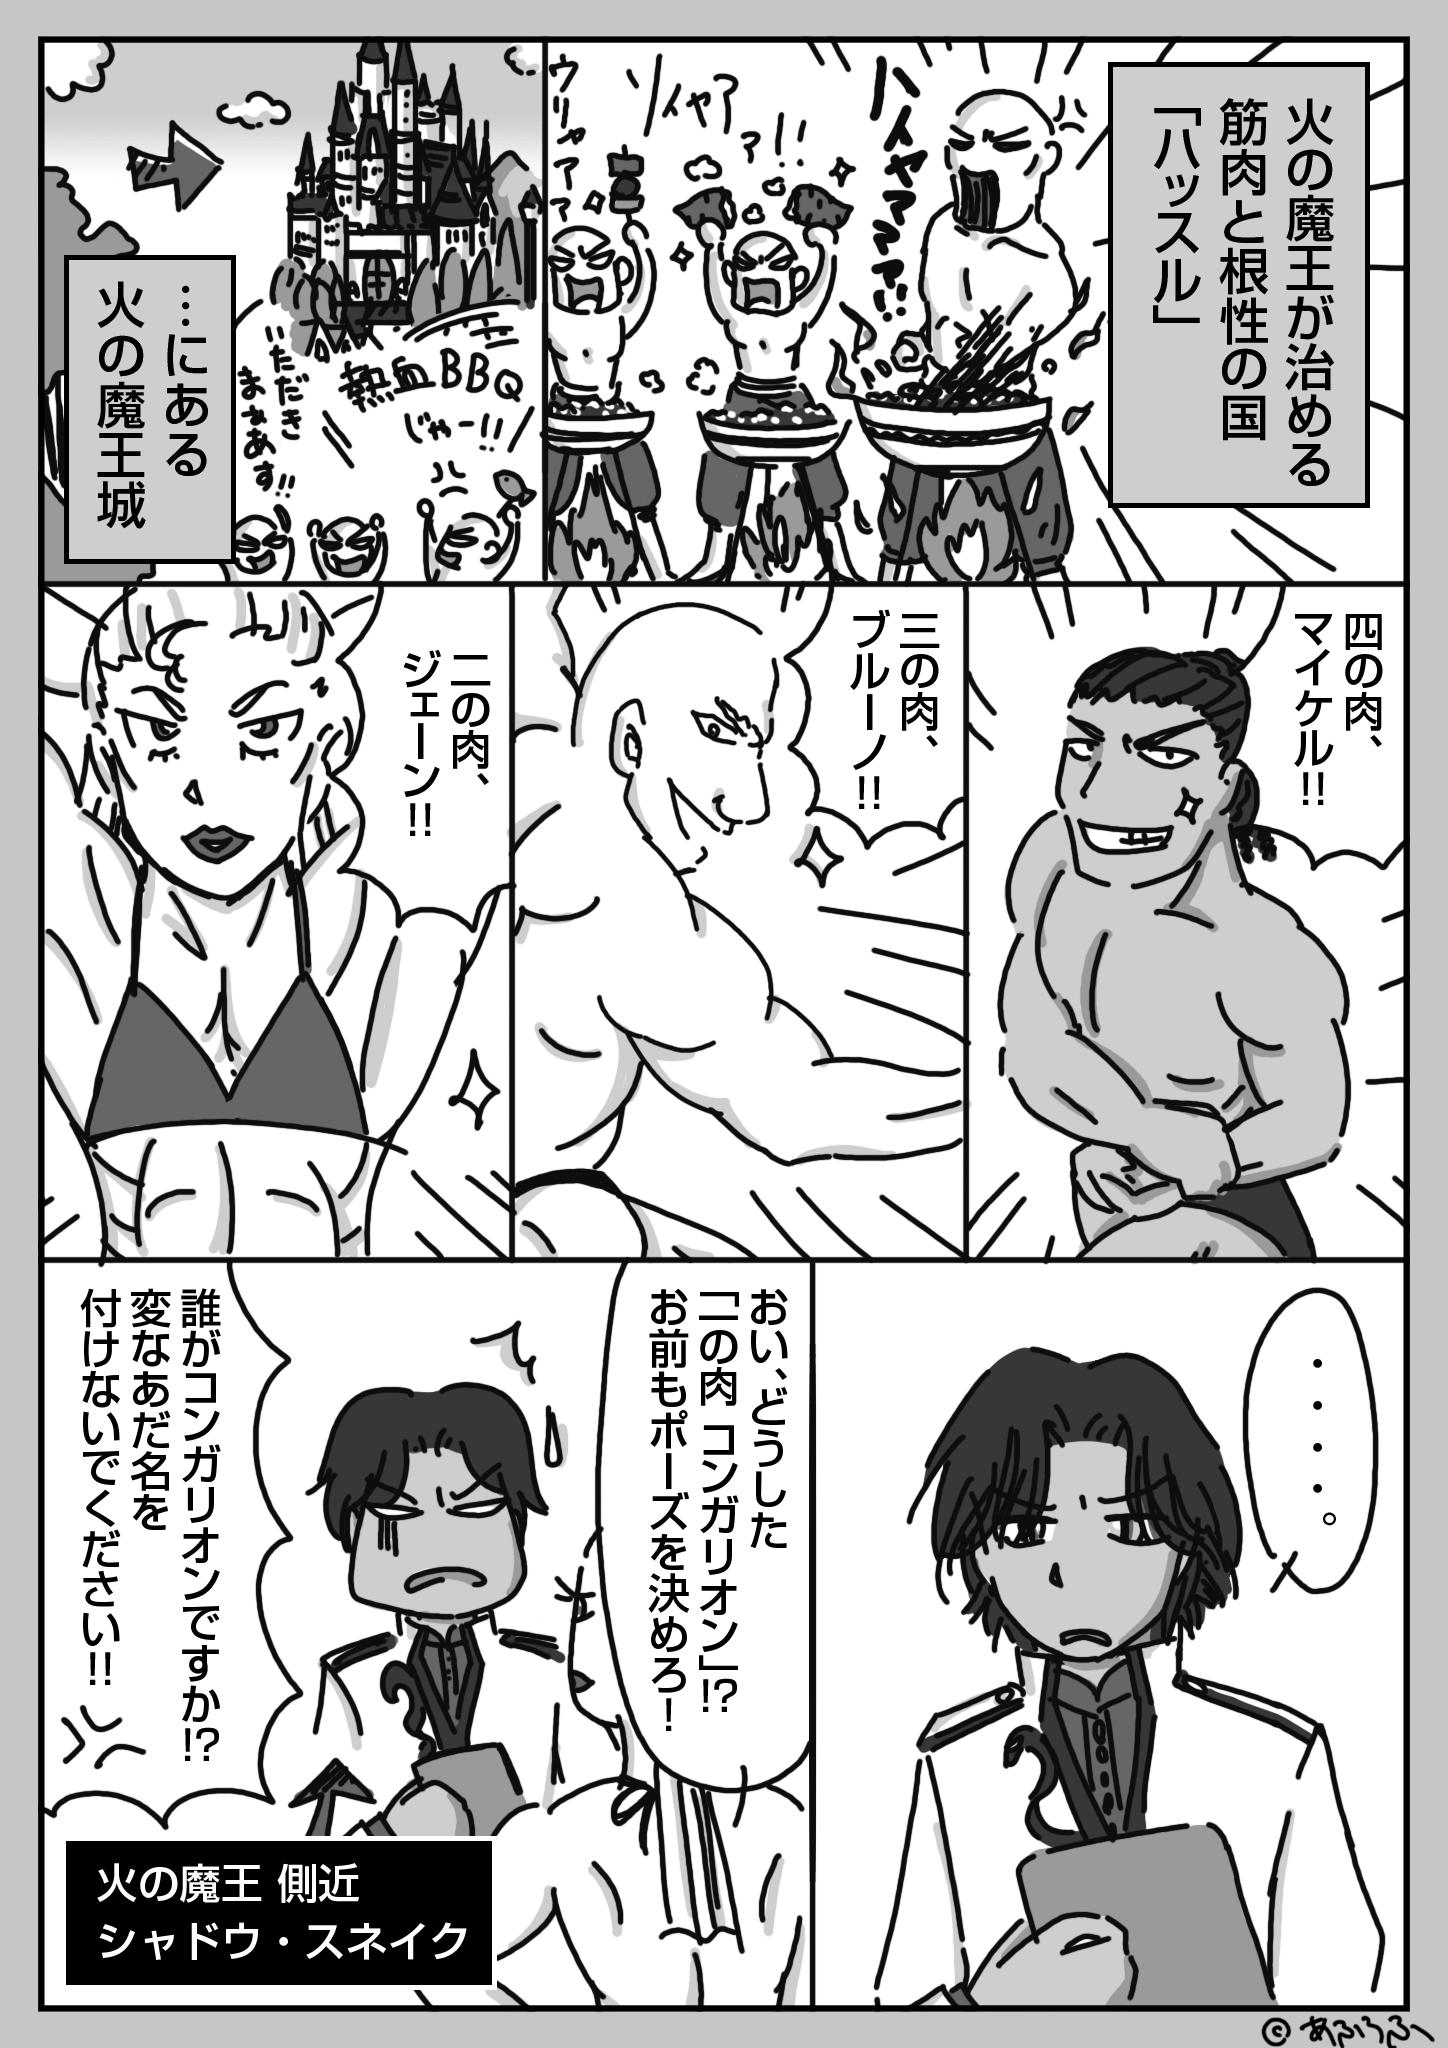 火の魔王とタピオカ入りプロテイン (1)